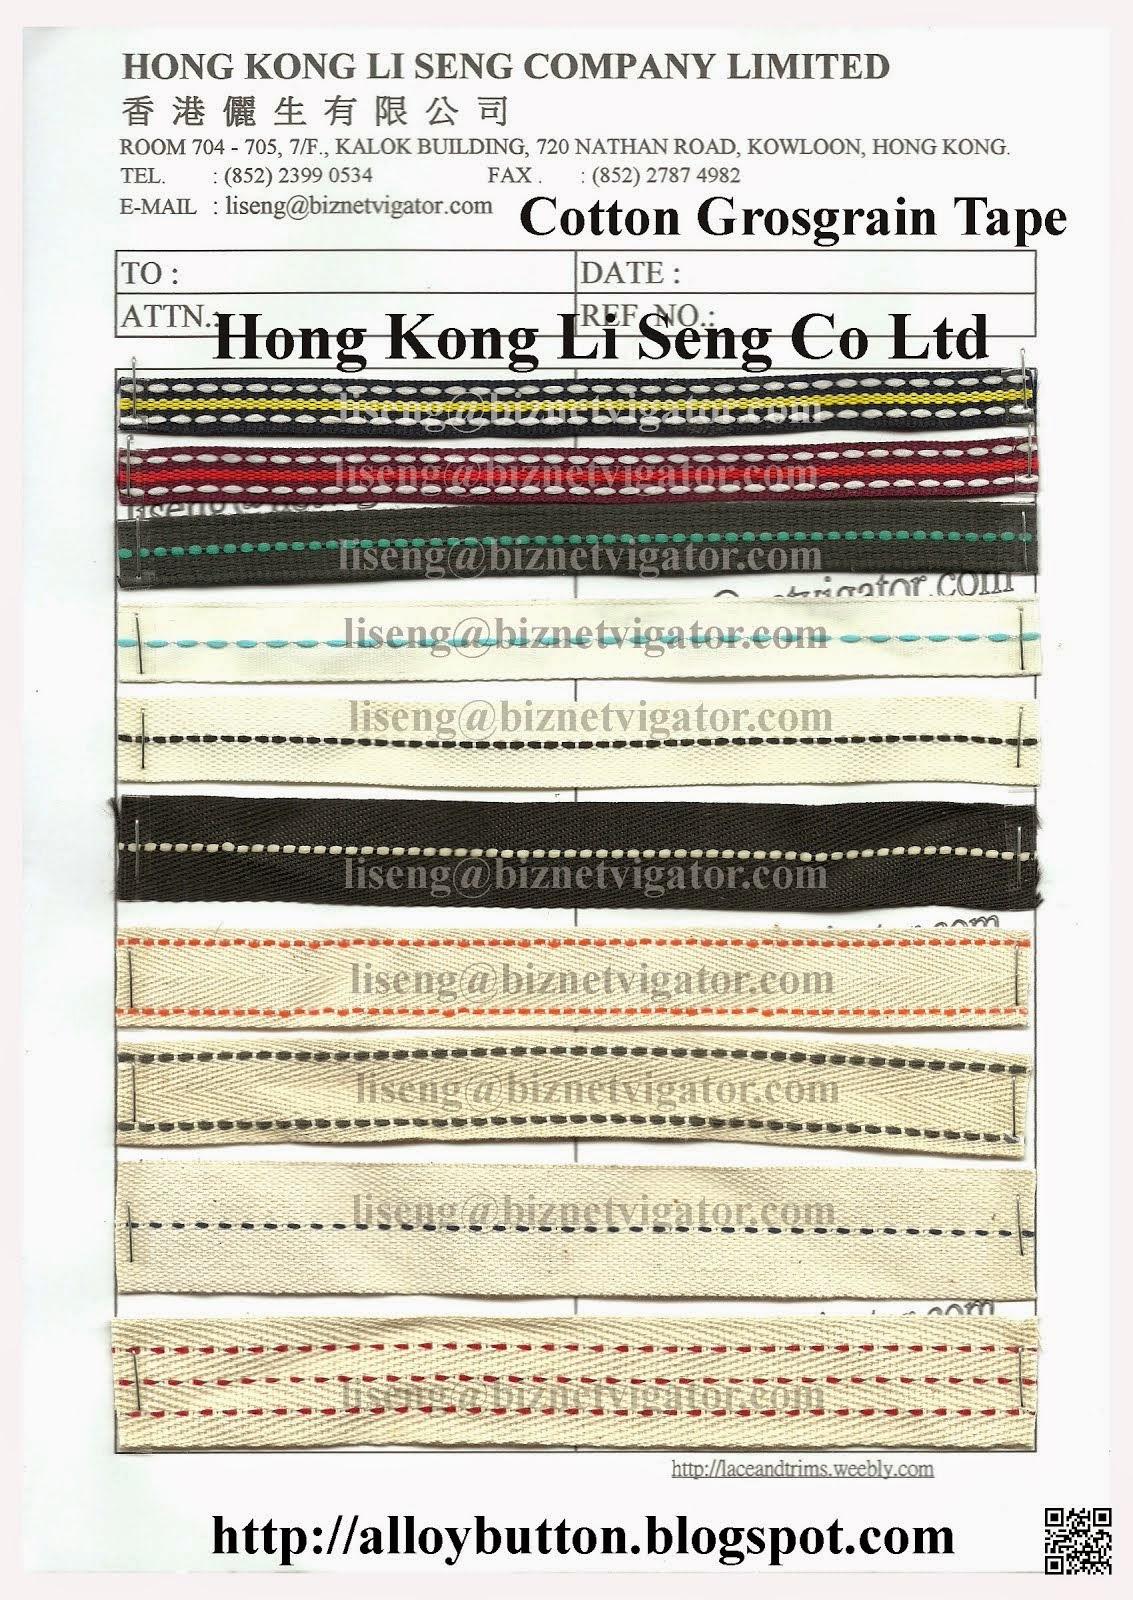 Cotton Grosgrain Tape Manufacturer Wholesaler Supplier - Hong Kong Li Seng Co Ltd